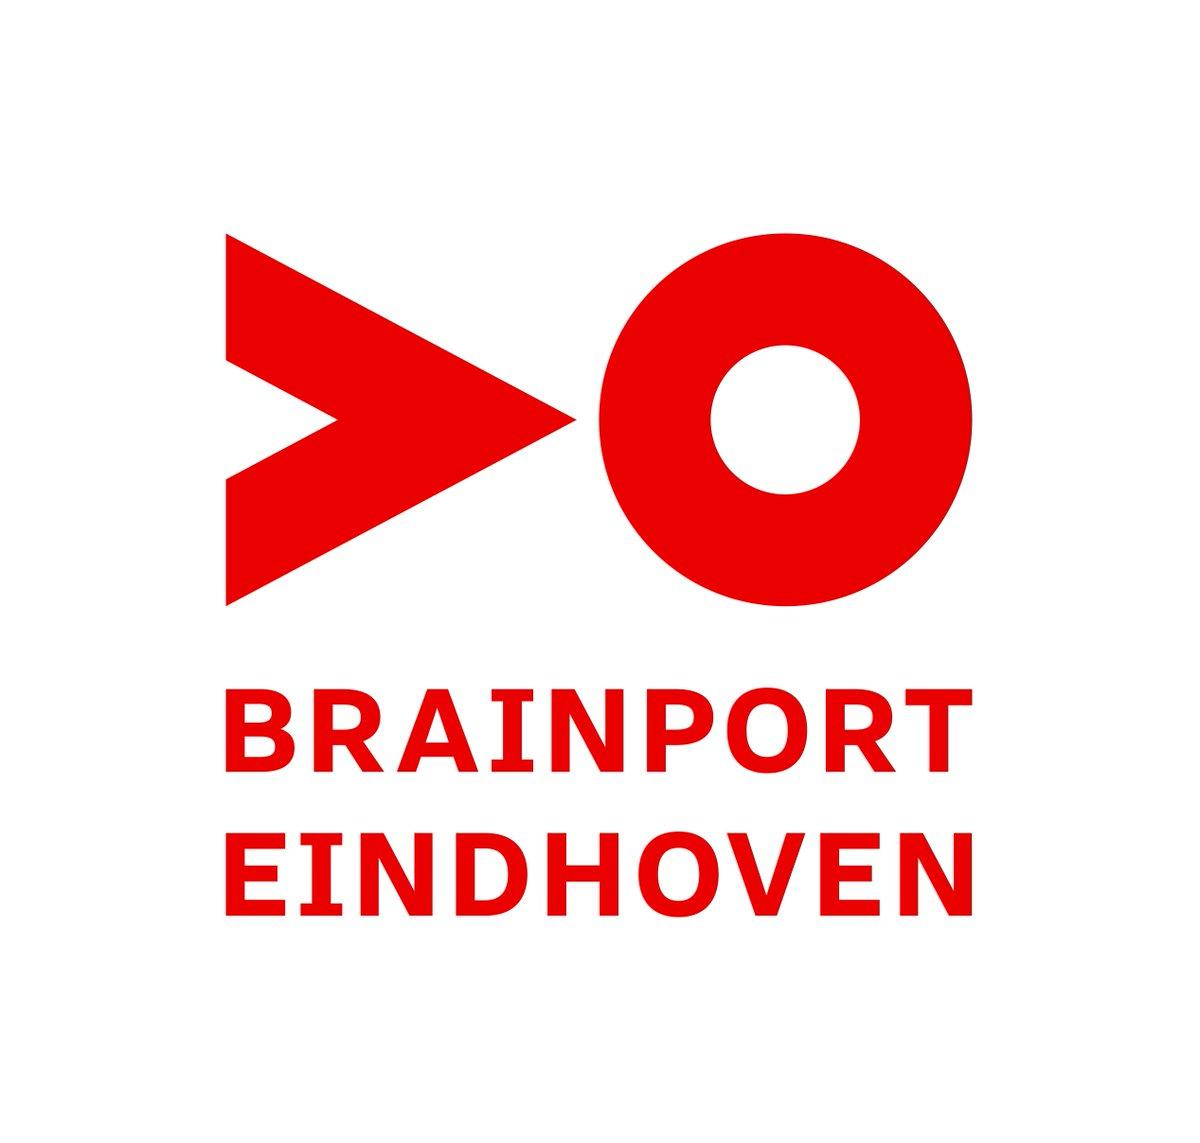 BrainportEindhoven-logo